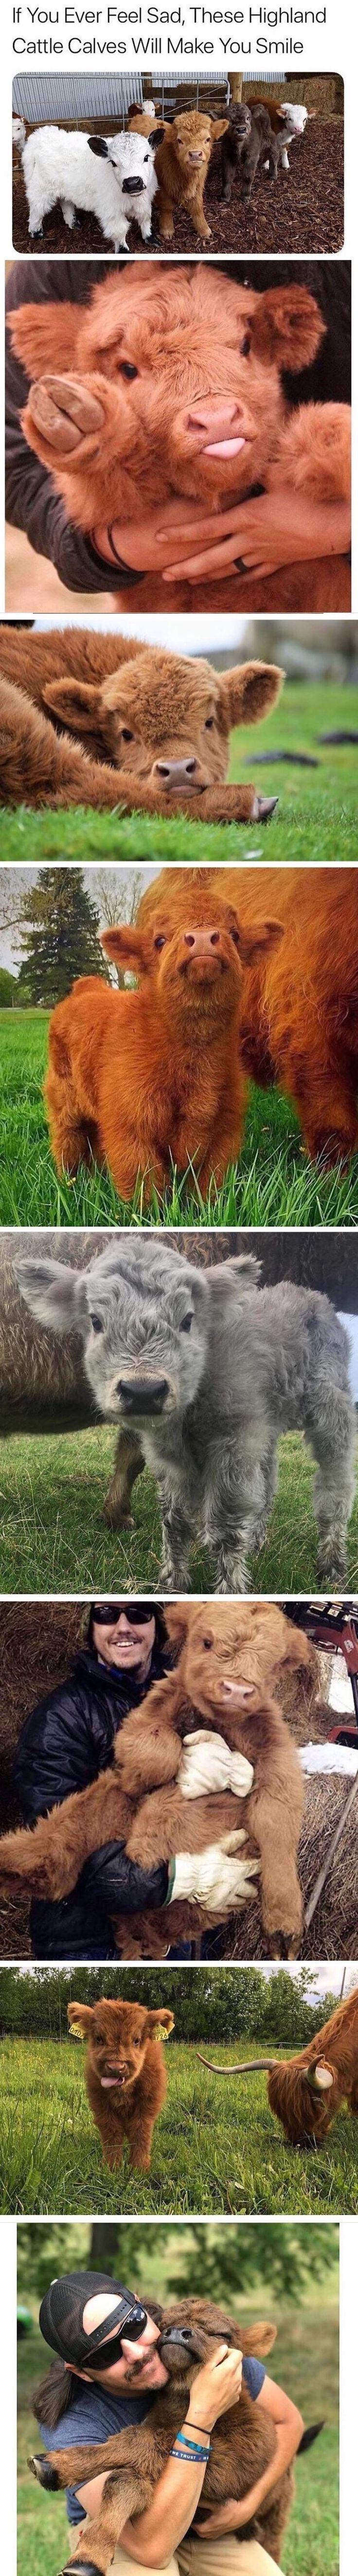 ACH DU LIEBER GOTT !!!!! Soooo süß, dass du Gott liebst !!!!! Soooo süß   – … – Adorable Animals